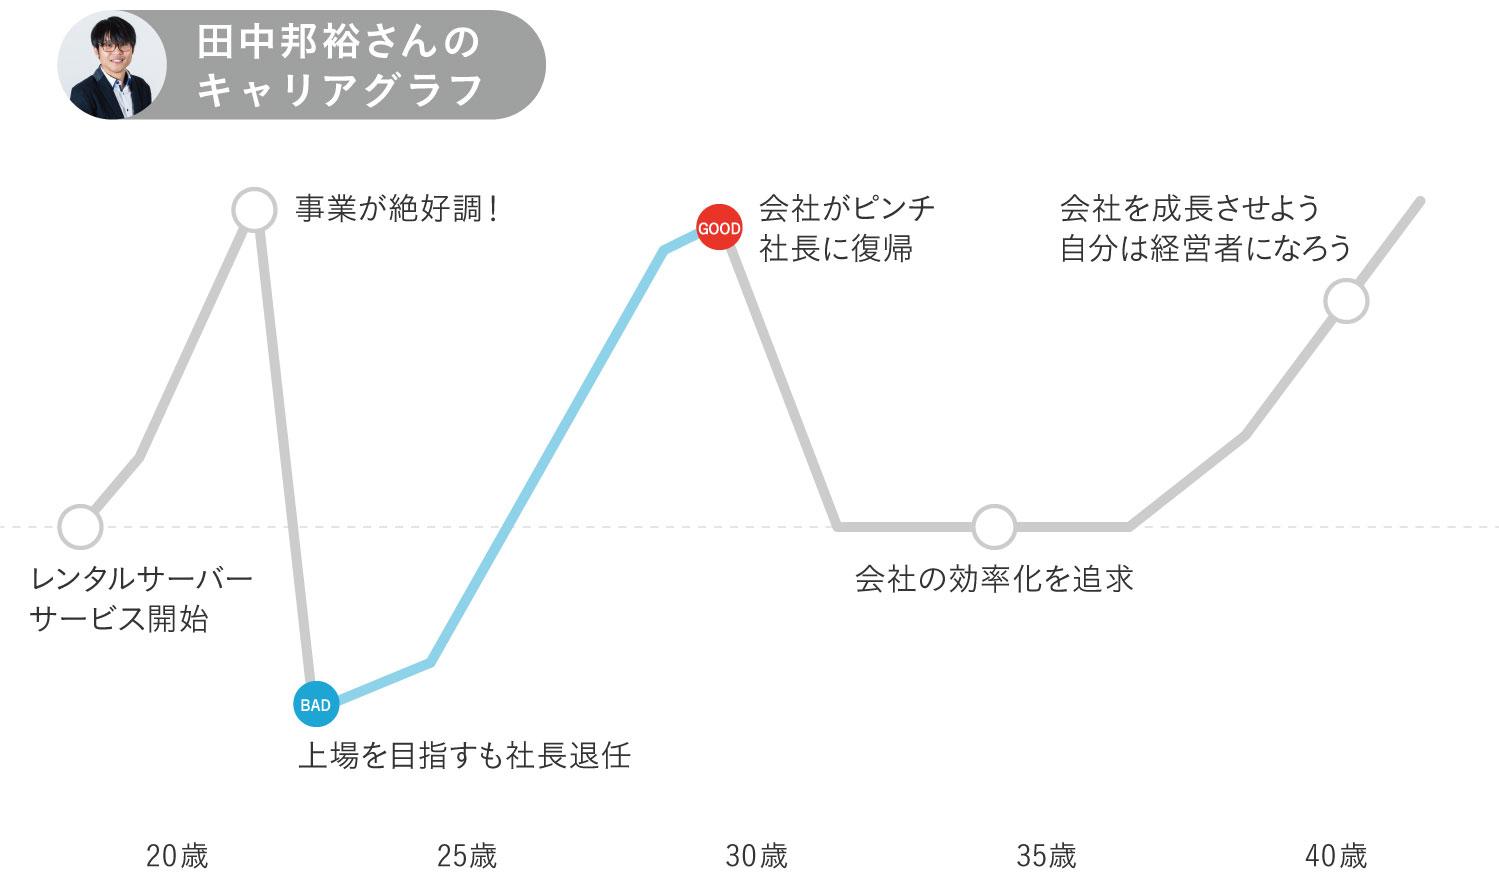 さくらインターネット田中邦裕さんキャリグラフ中期前半